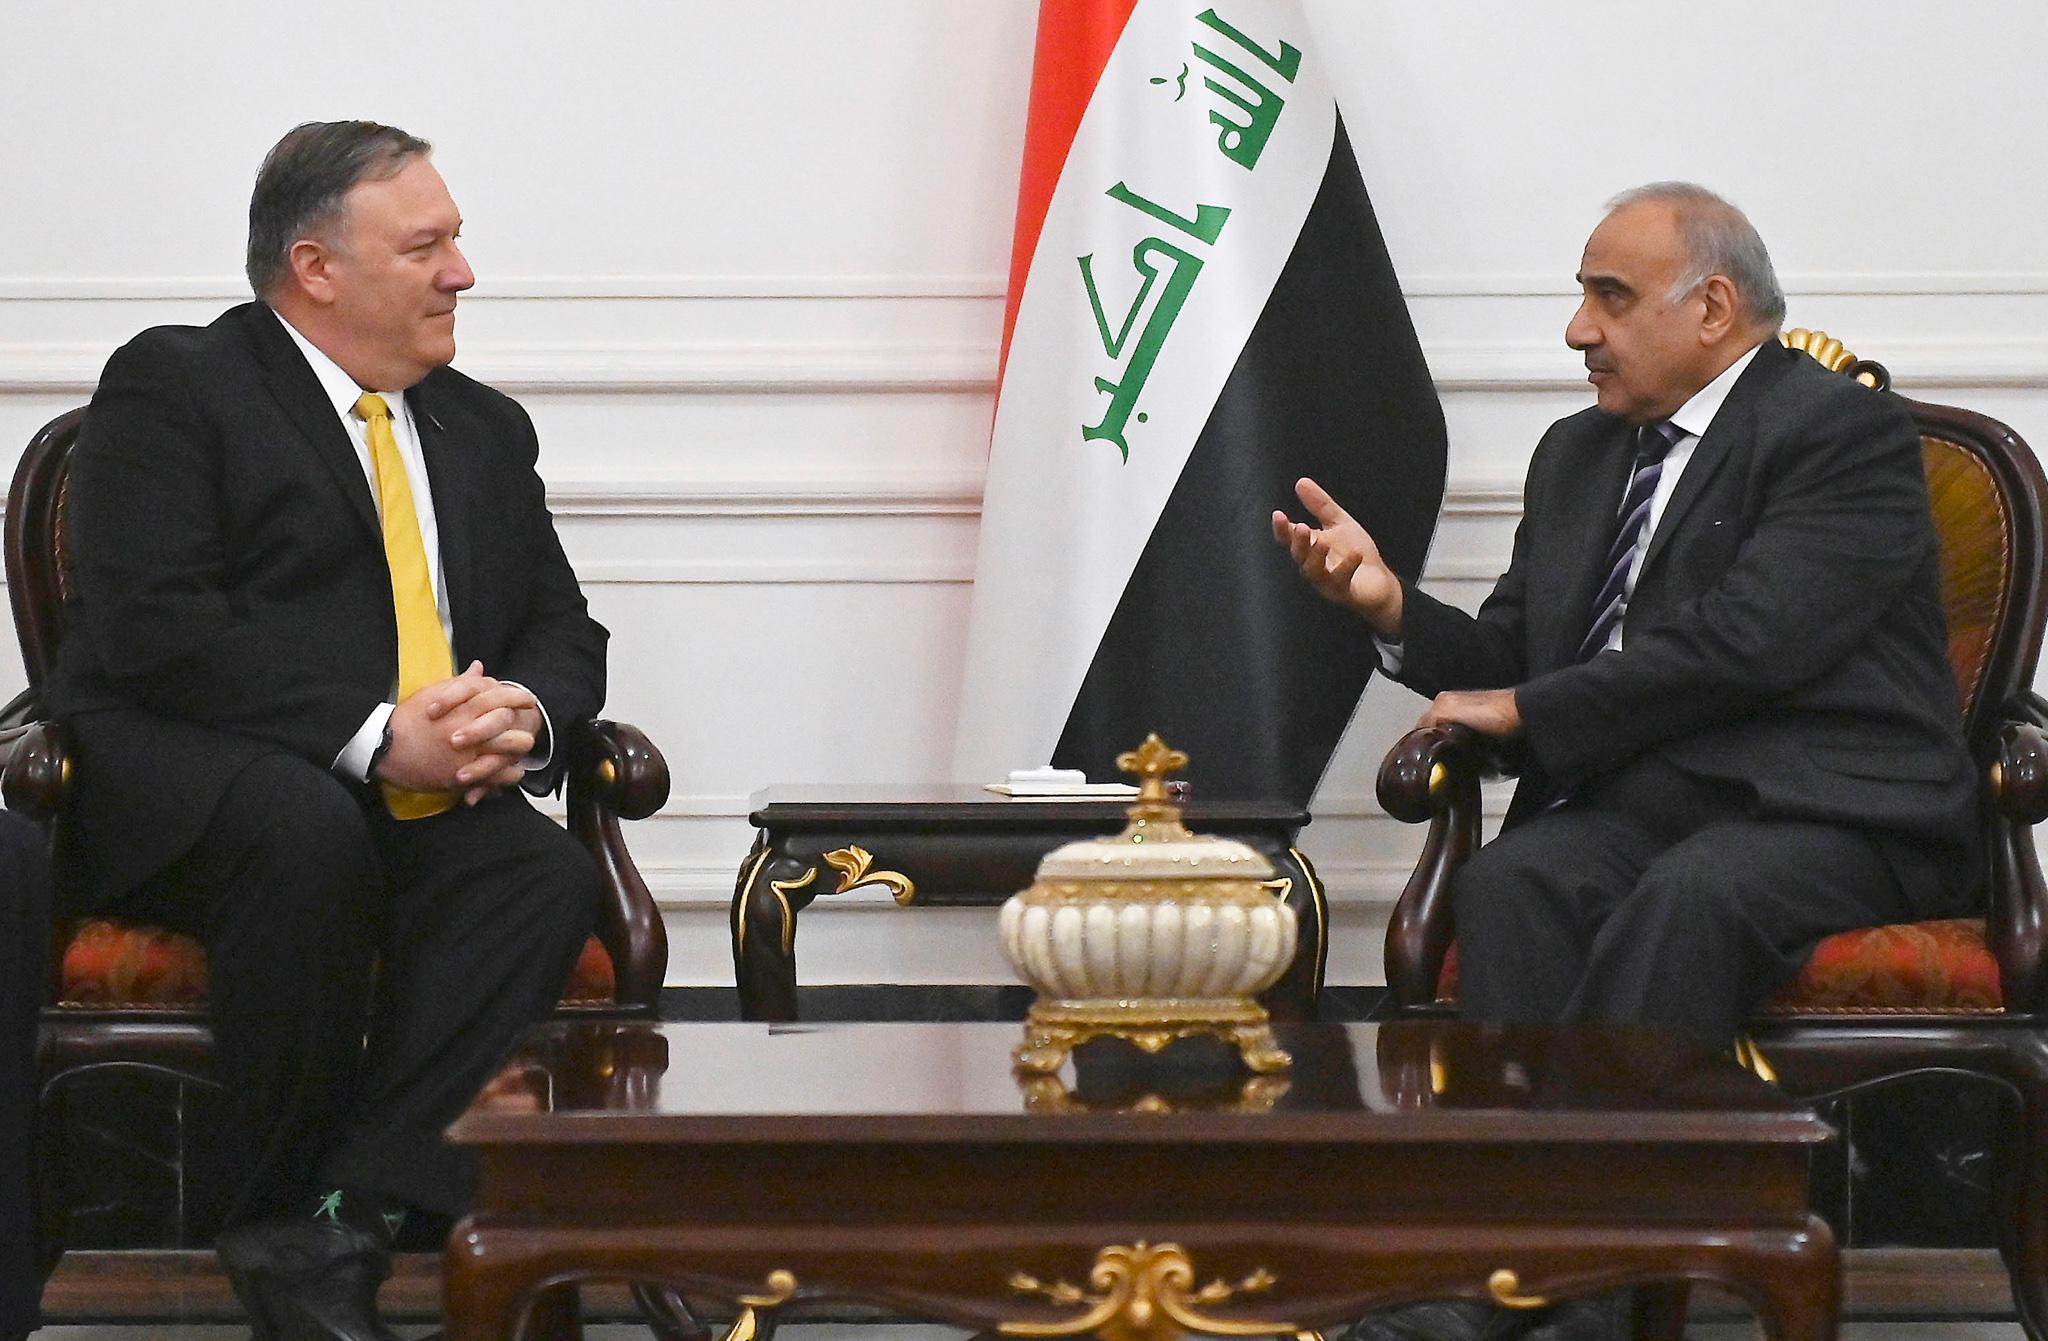 两位领导人正在交谈(© Andrew Caballero-Reynolds/AP Images)